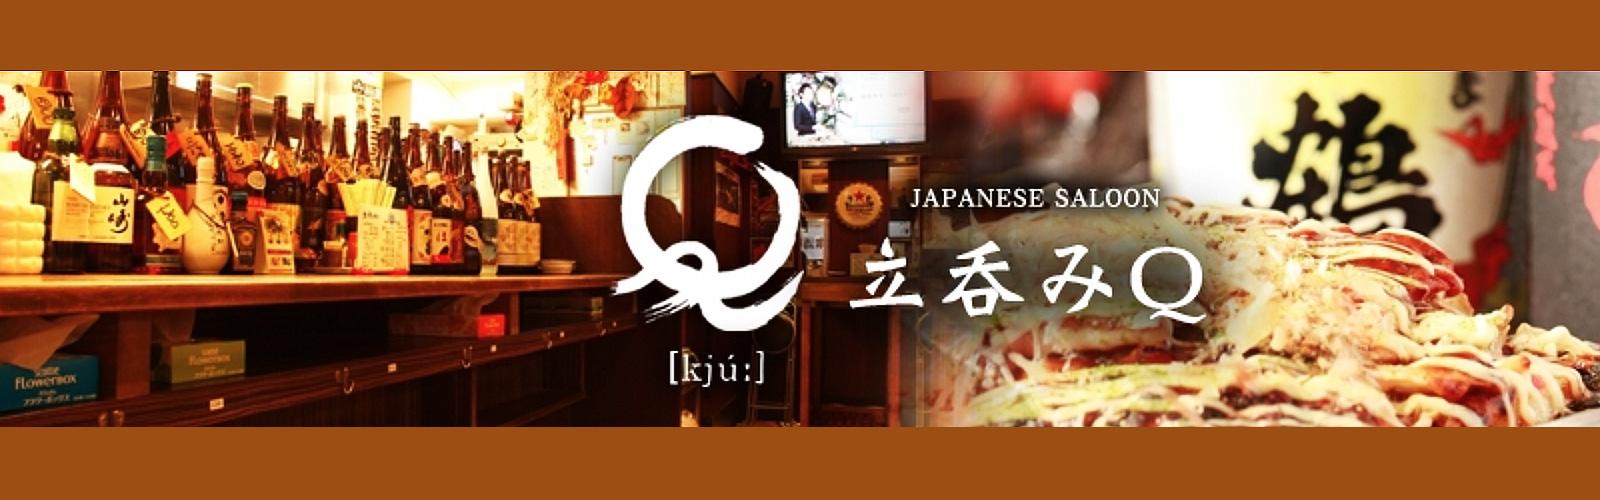 立呑みQ(大阪・なんば)